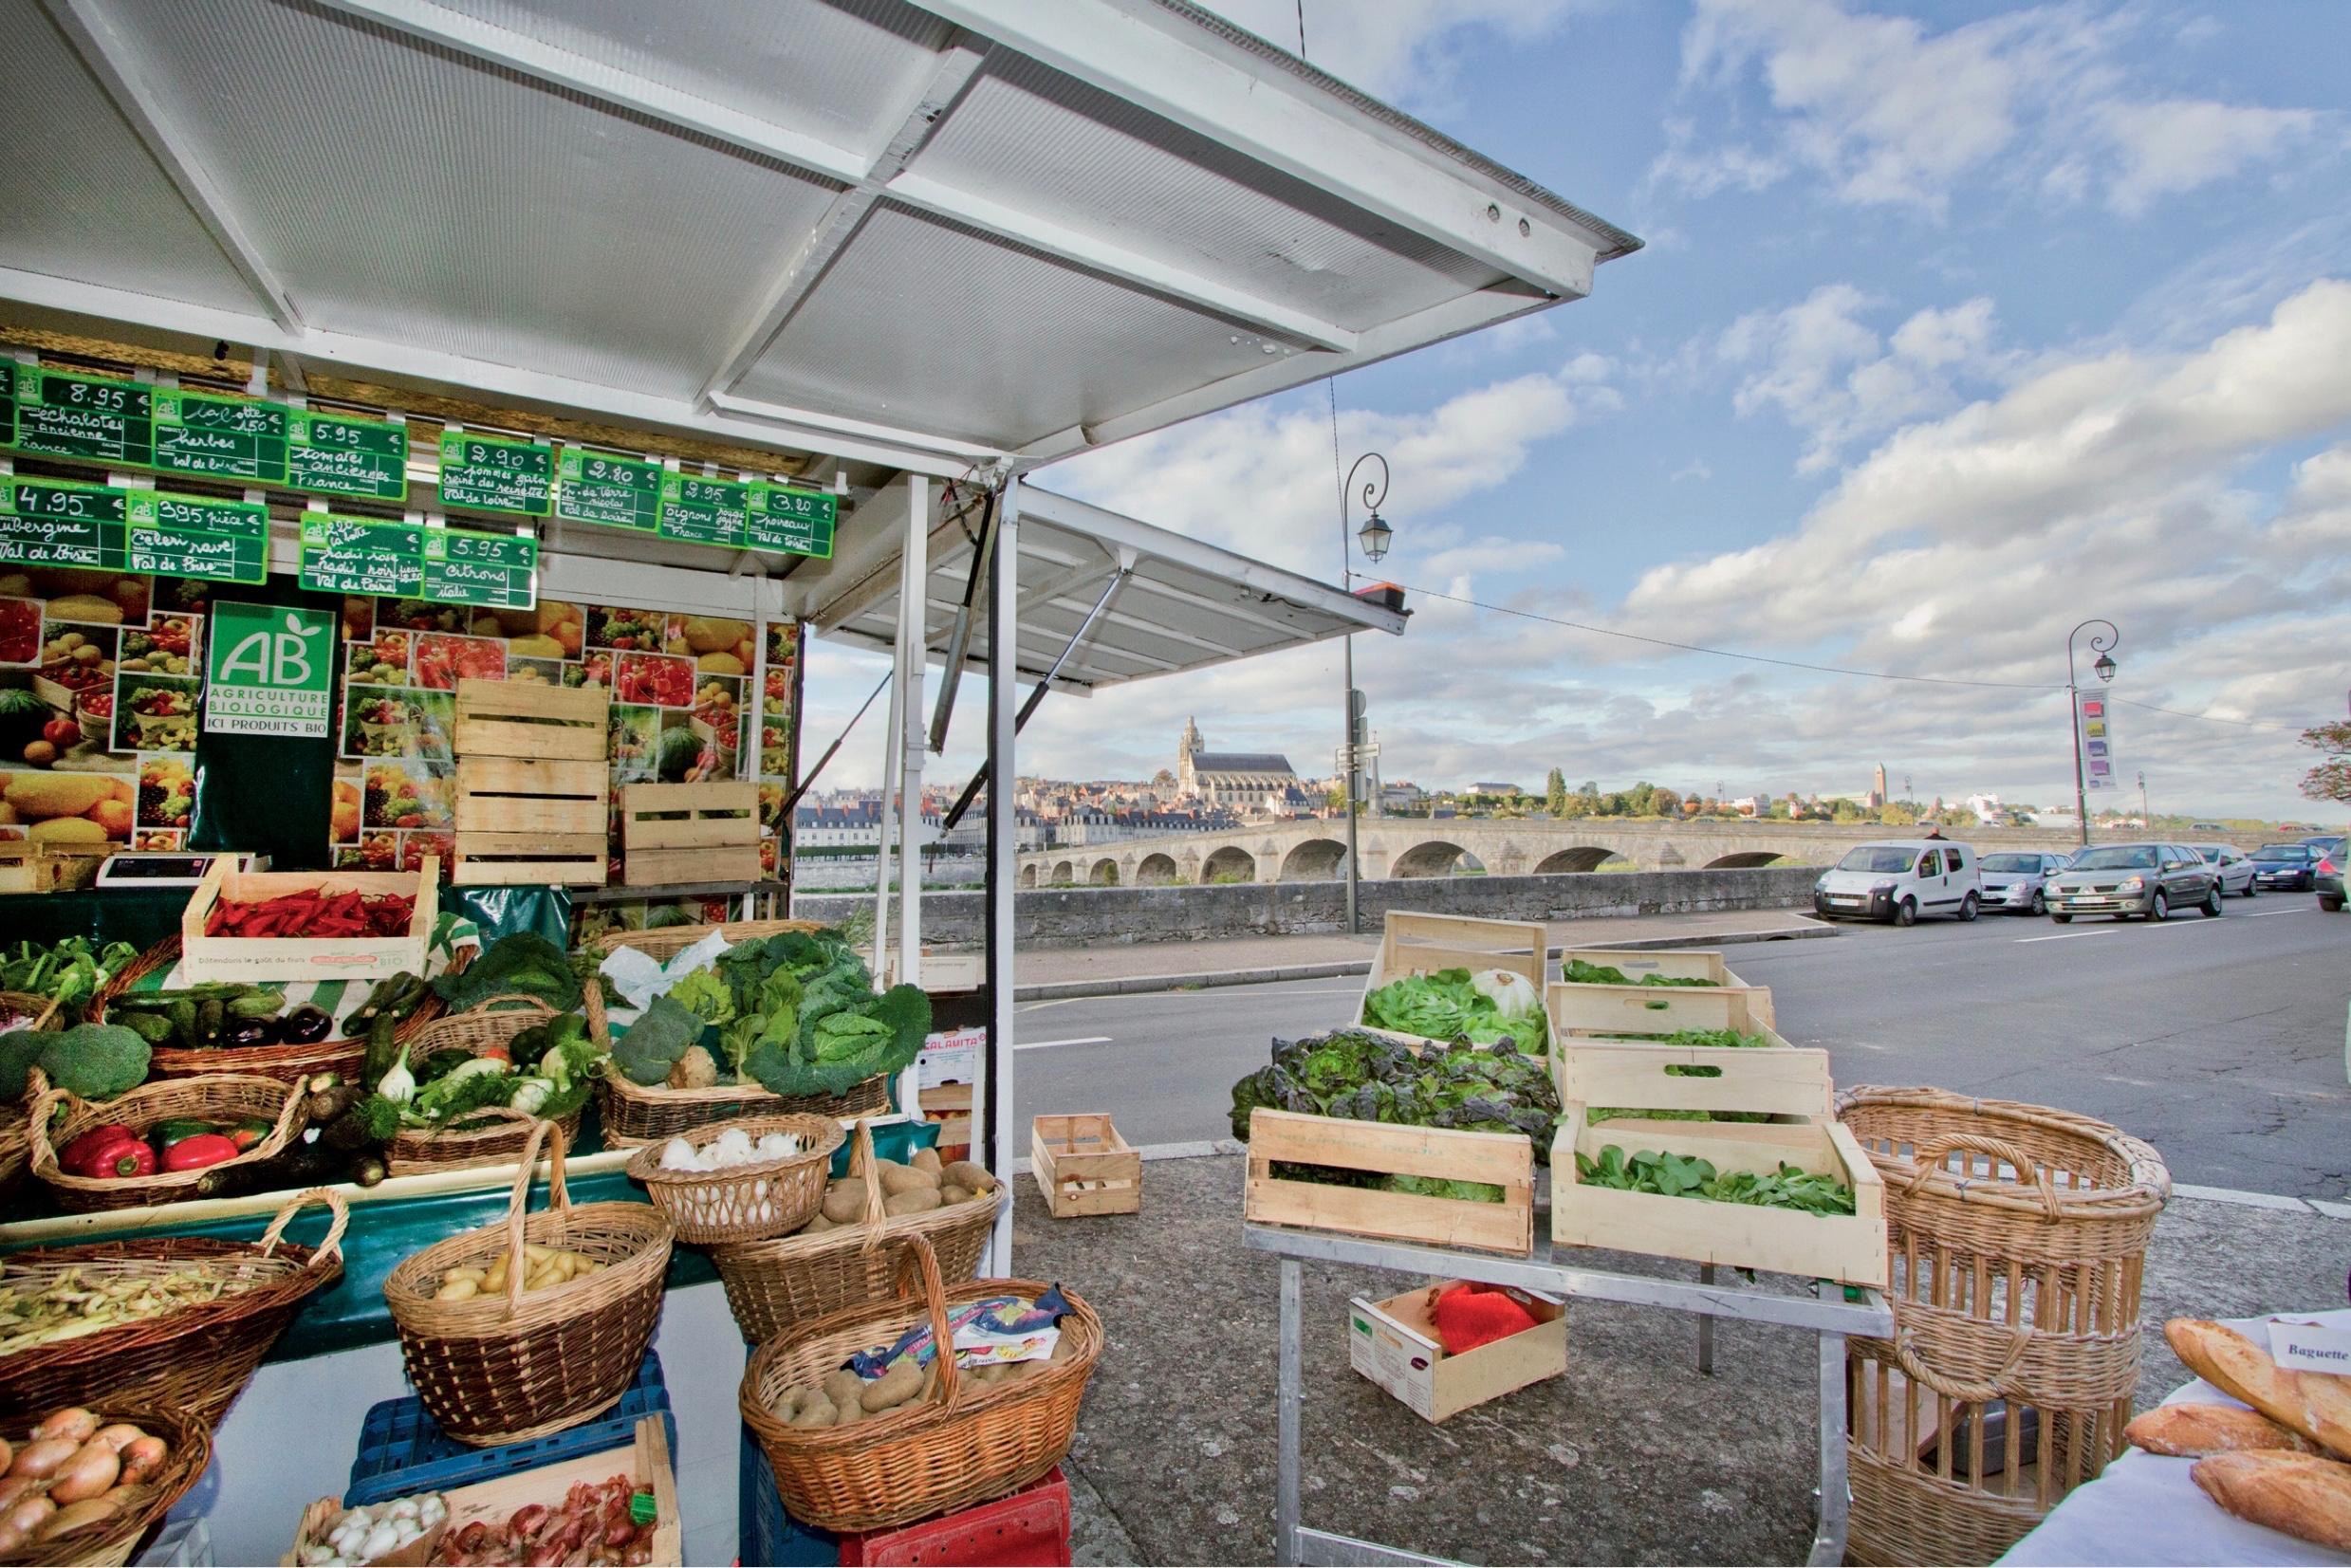 Un des nombreux stands du marché bio présente de nombreux légumes et du pain, avec la Loire et le nord de la Ville en arrière-plan.